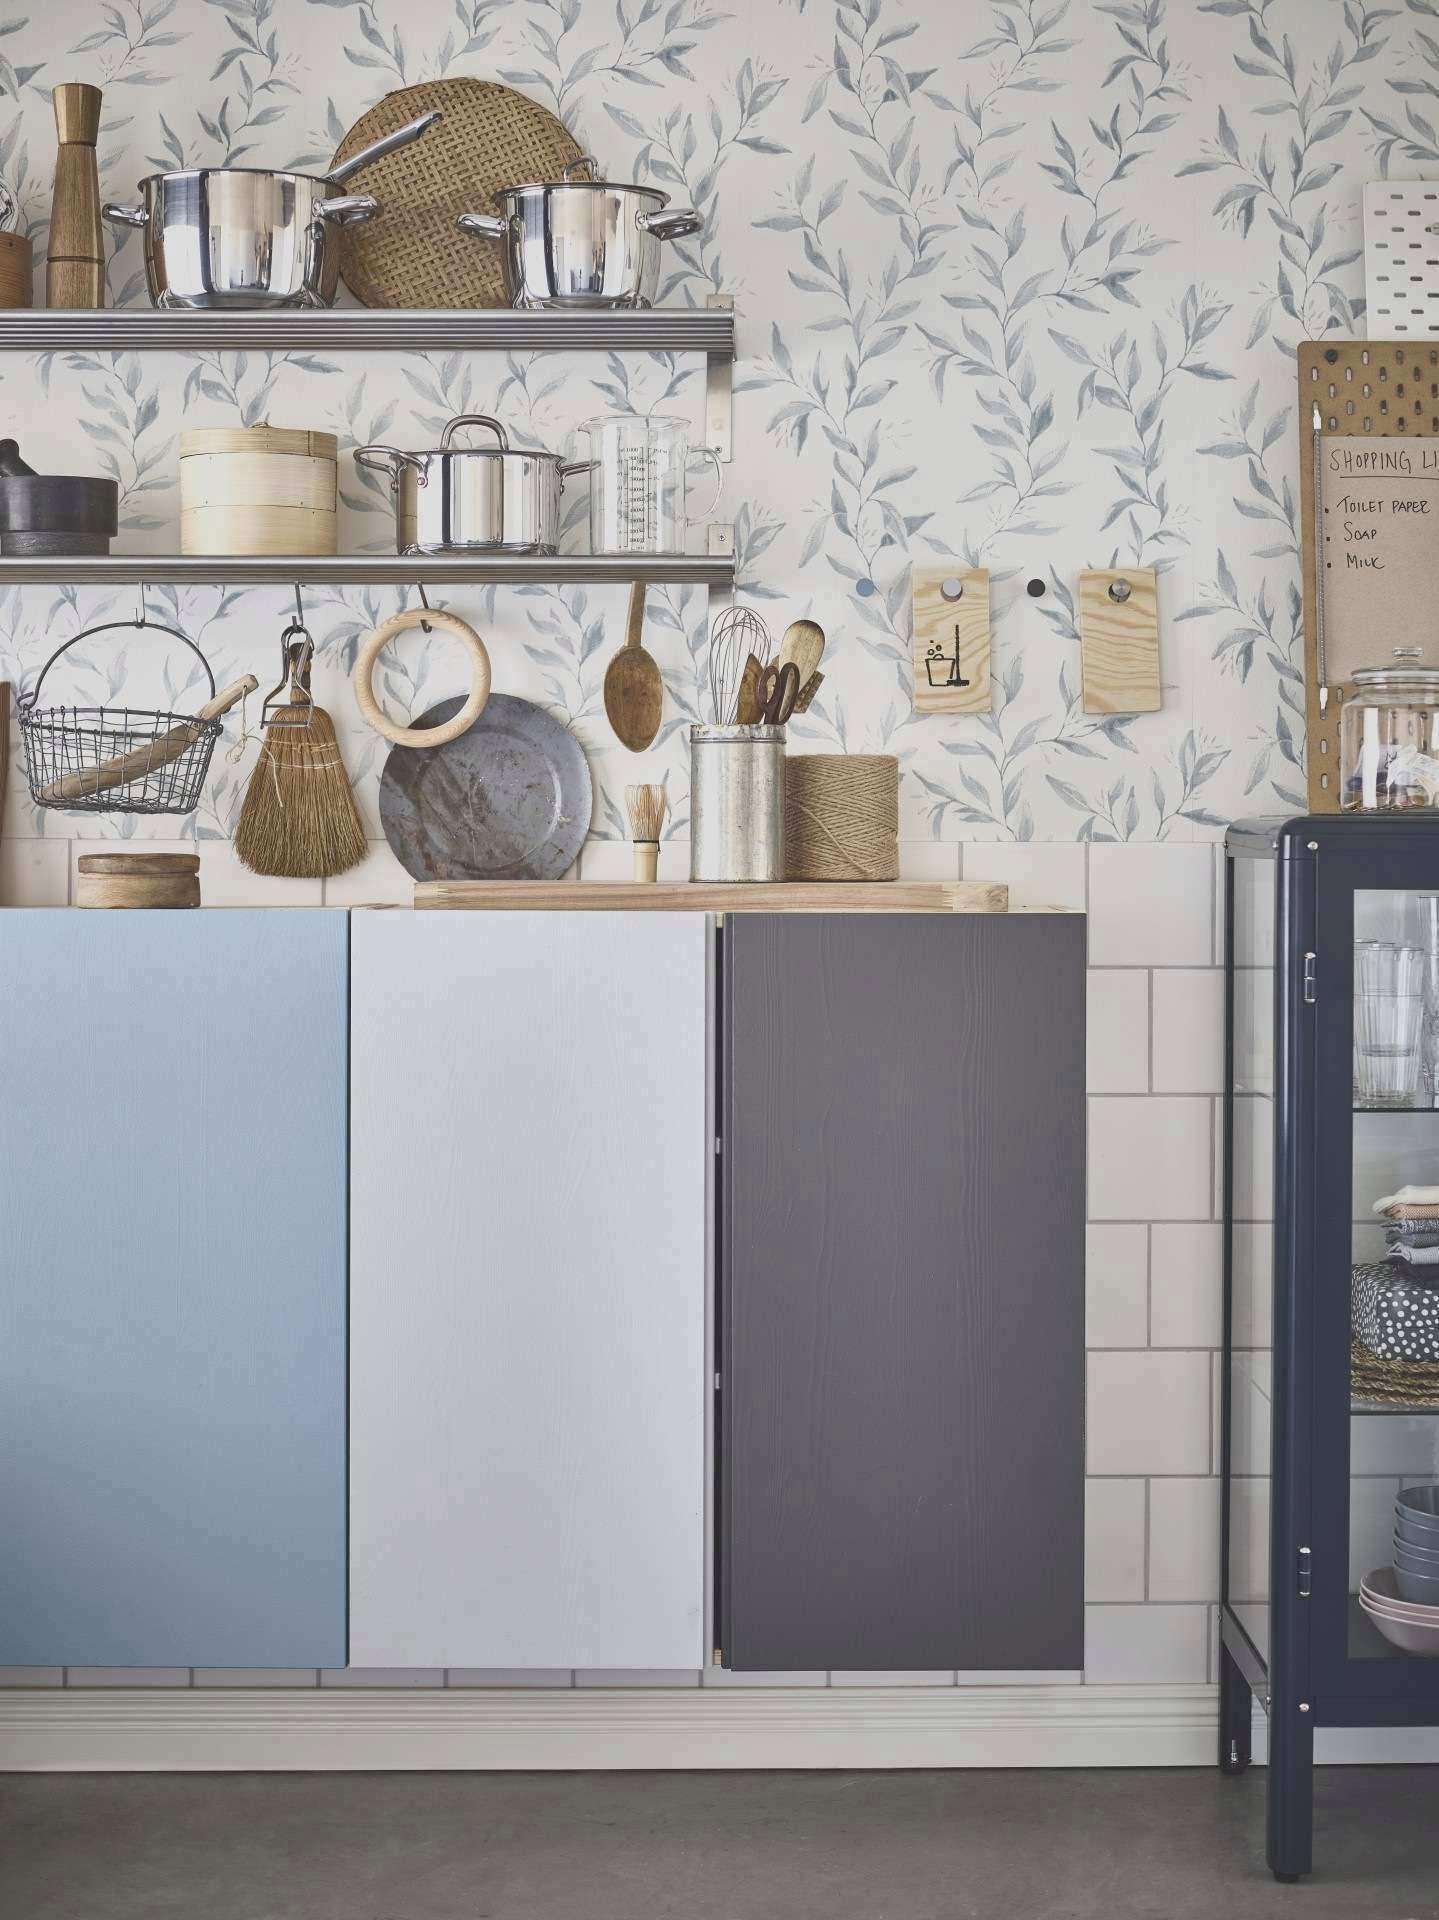 Full Size of Schrankküchen Ikea Kche 100 Euro 22 Schnes Konzept Wei Holz Miniküche Betten 160x200 Modulküche Bei Sofa Mit Schlaffunktion Küche Kosten Kaufen Wohnzimmer Schrankküchen Ikea